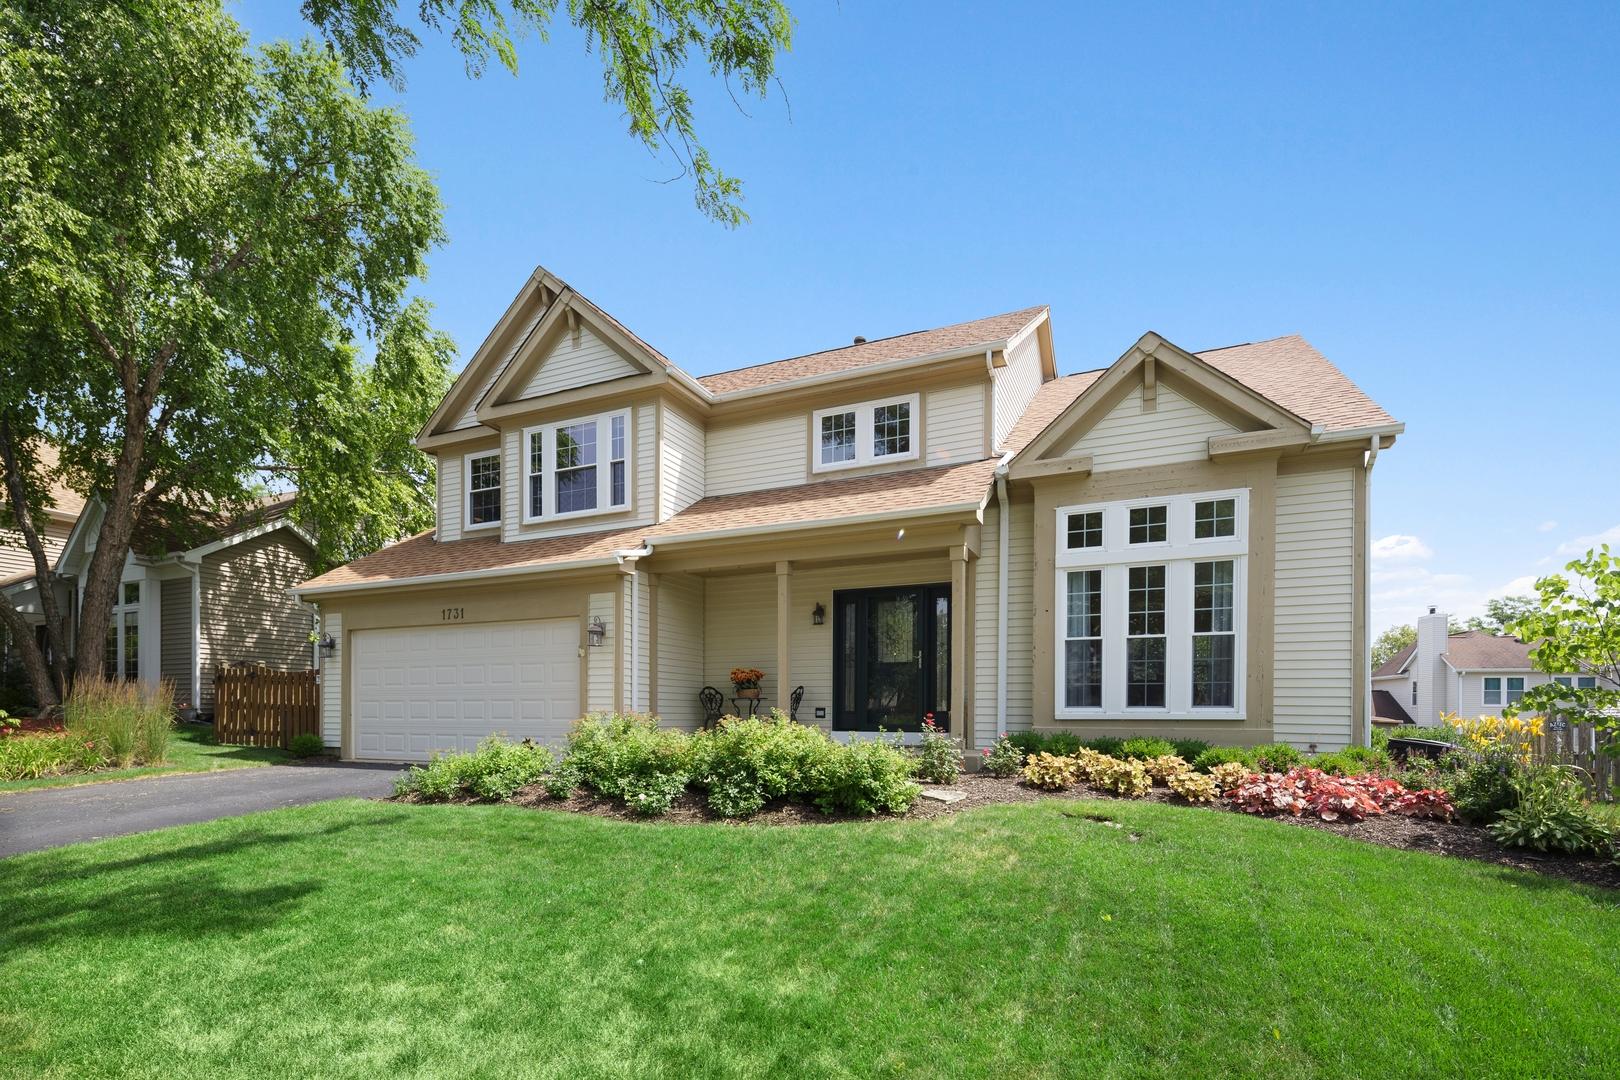 1731 Hartford Lane, Crystal Lake IL 60014